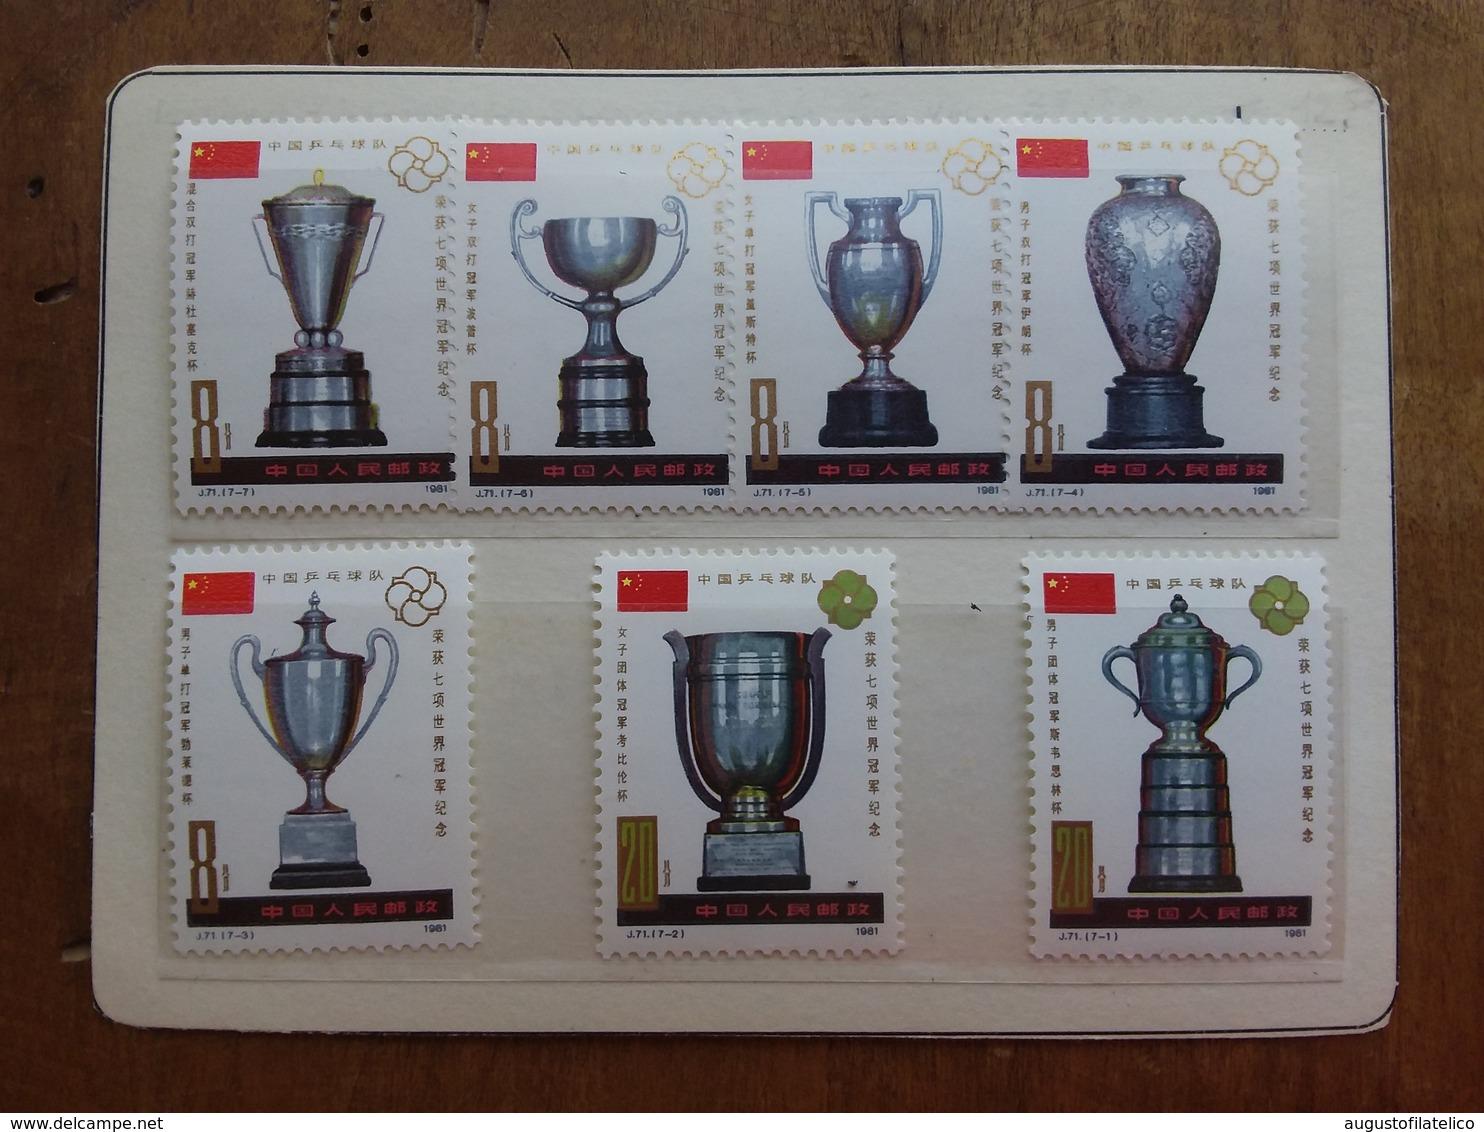 CINA 1981 - Vittoria Della Cina Campionati Mondiali Di Ping-pong Nuovi ** + Spese Postali - Nuovi